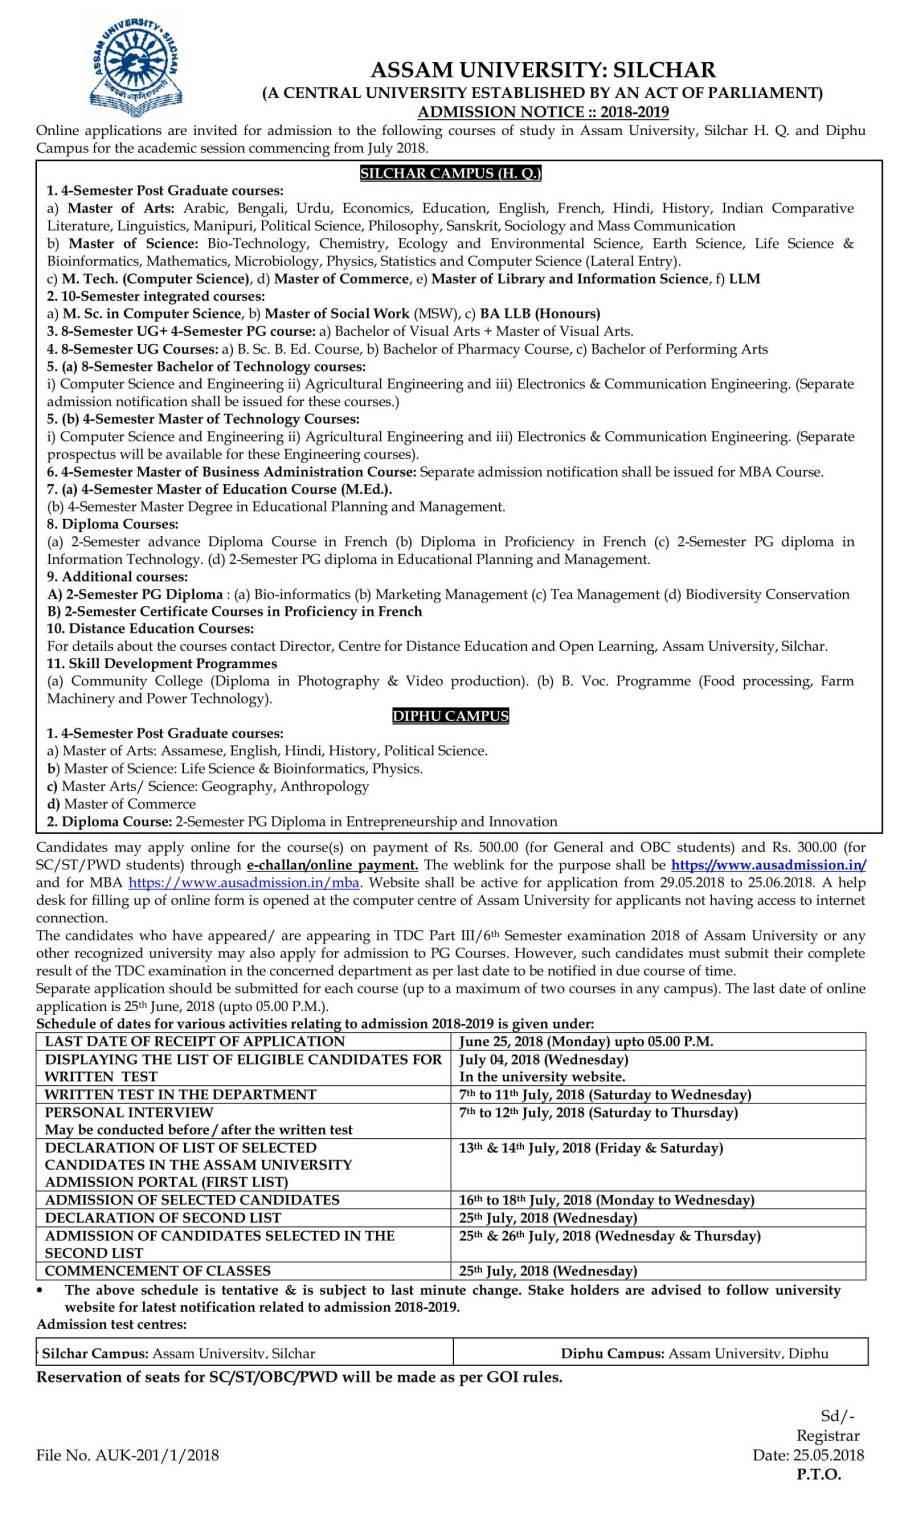 PG-UG Admission Notice 2018-19-1.jpg